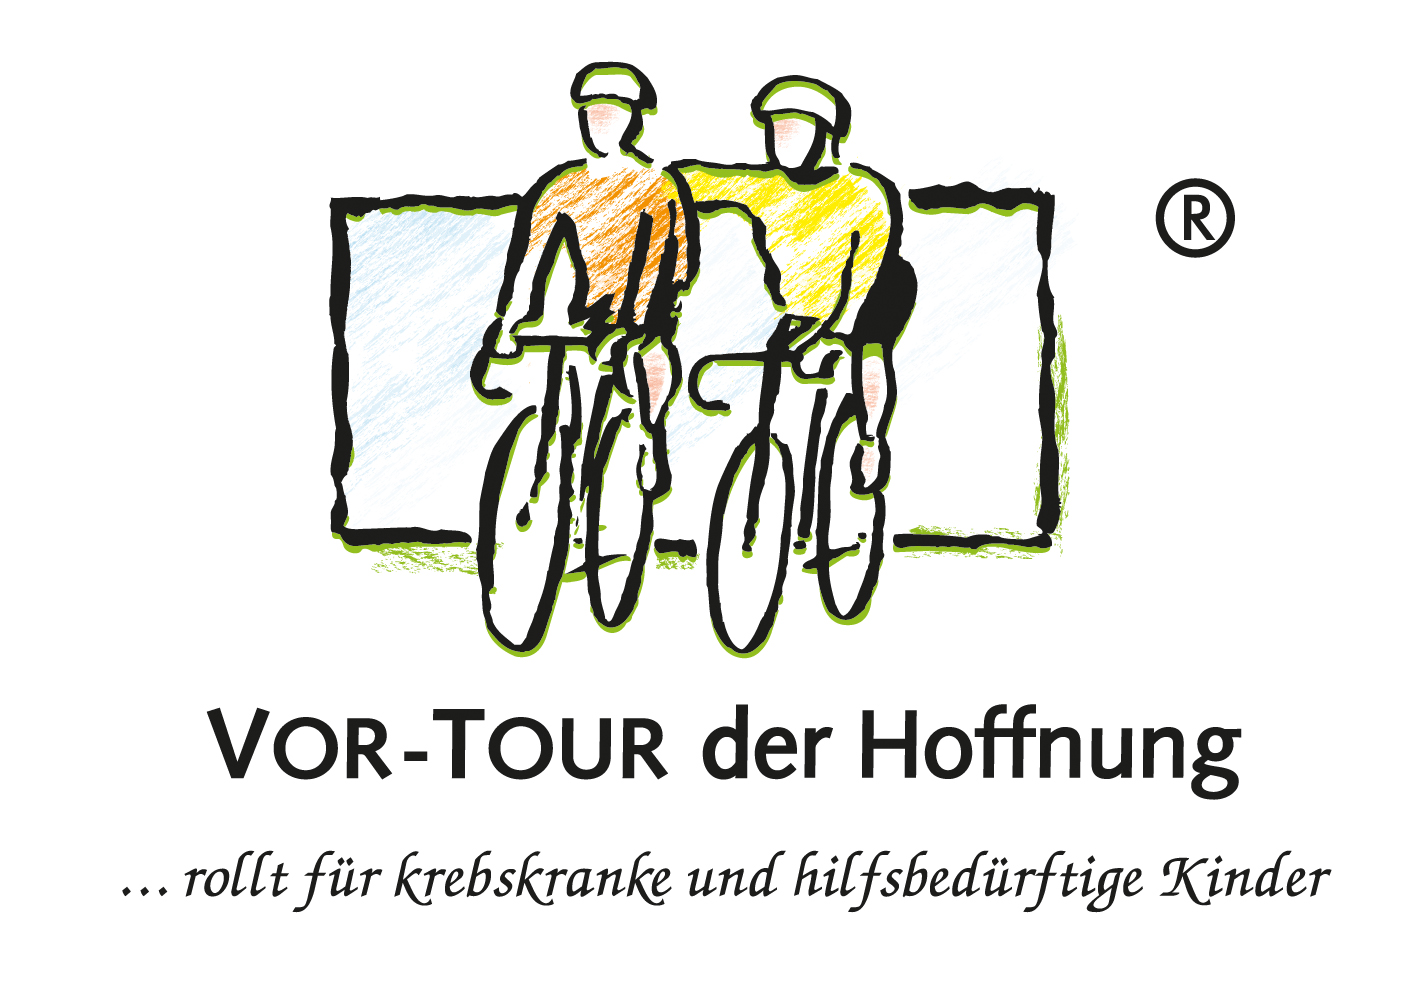 VOR-TOUR der Hoffnung bedankt sich für großzügige Spende